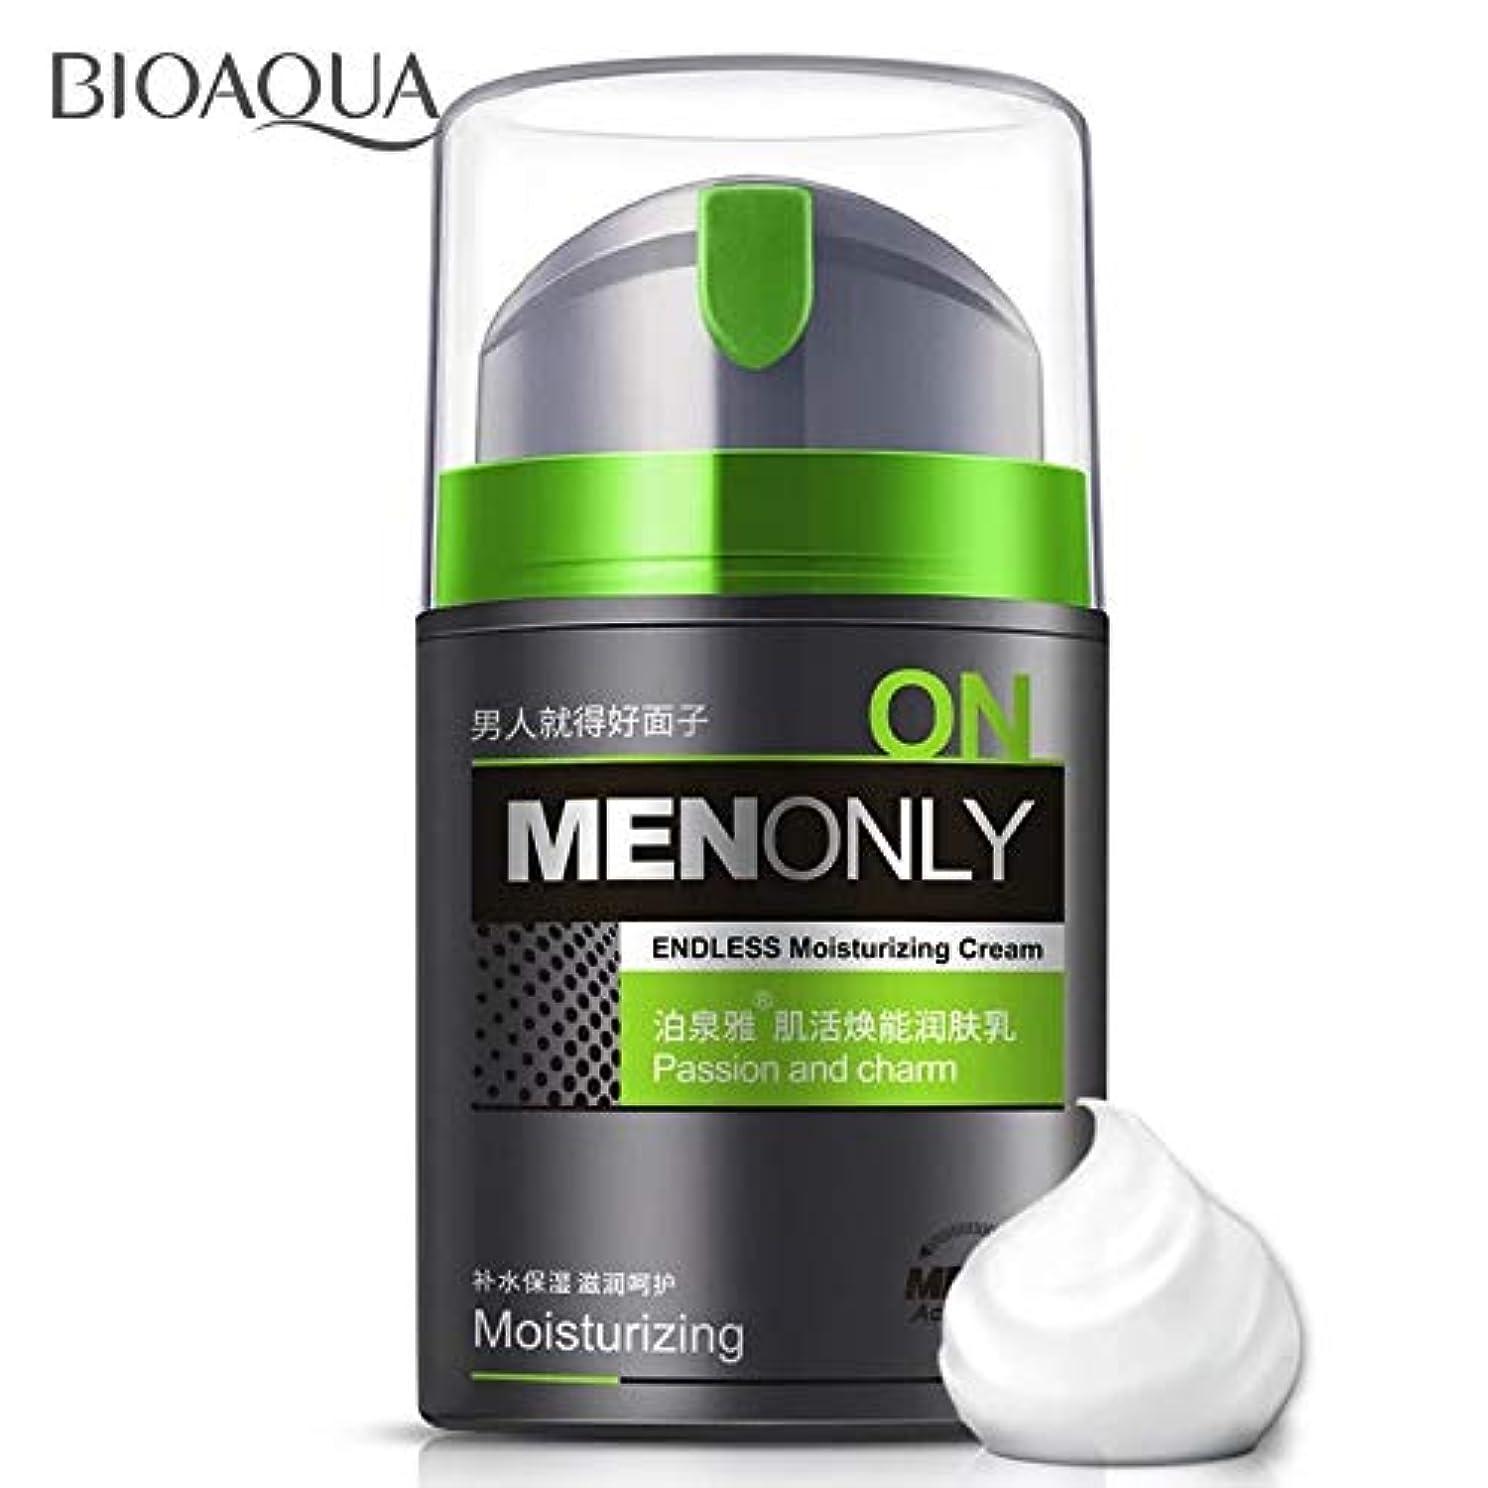 パース放つ組BIOAQUA男性保湿オイルコントロールフェイスクリームアンチリンクルデイクリーム寧ケア